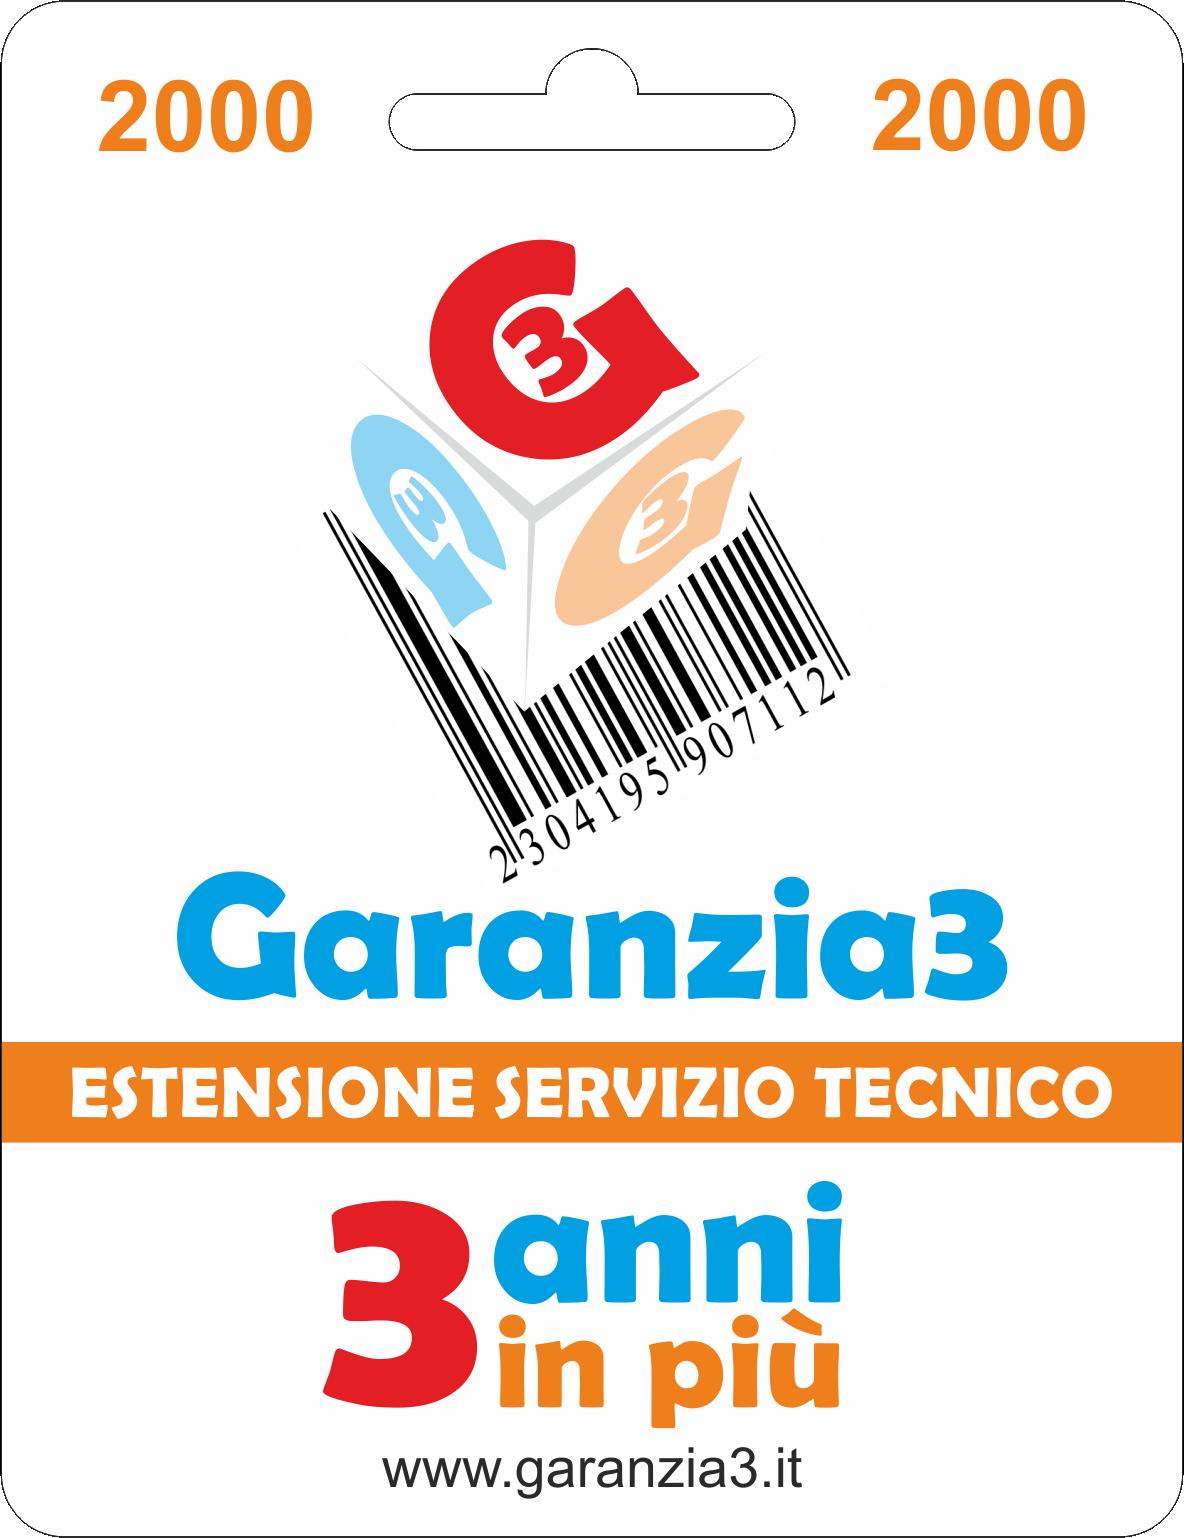 Garanzia3 2000 - Dagimarket